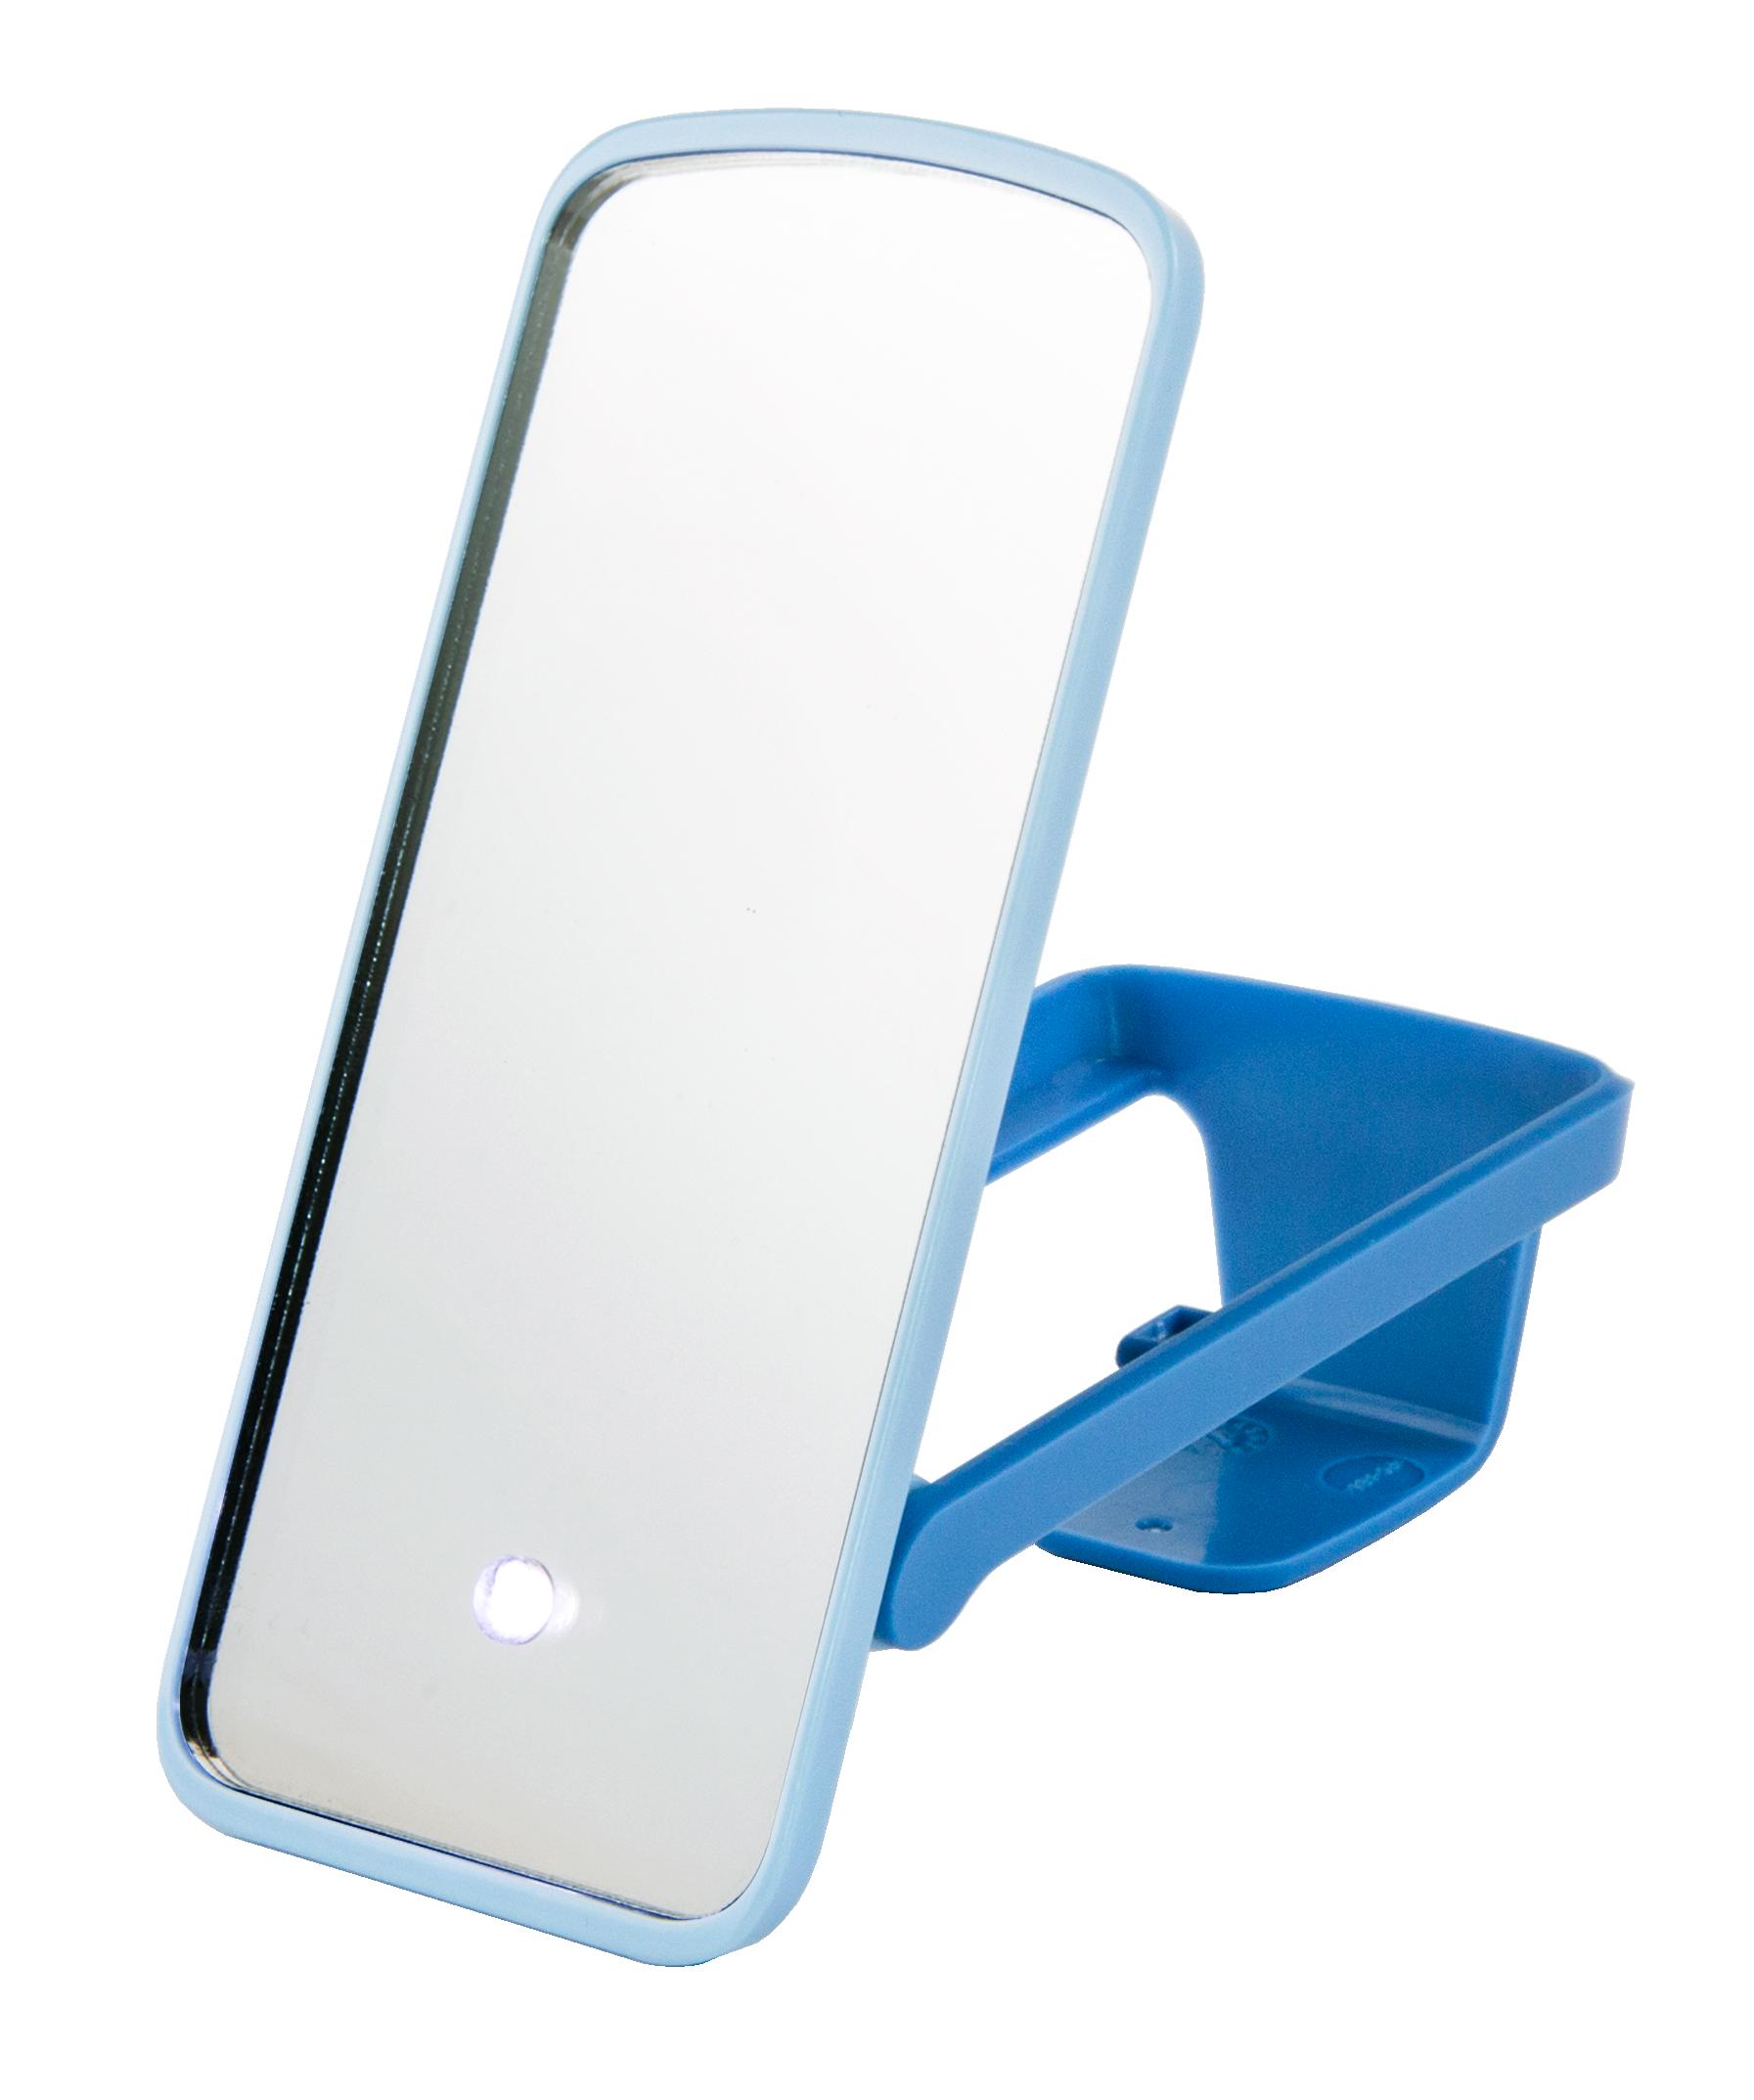 Bright, spiegel die helpt bij zelfkatheterisatie